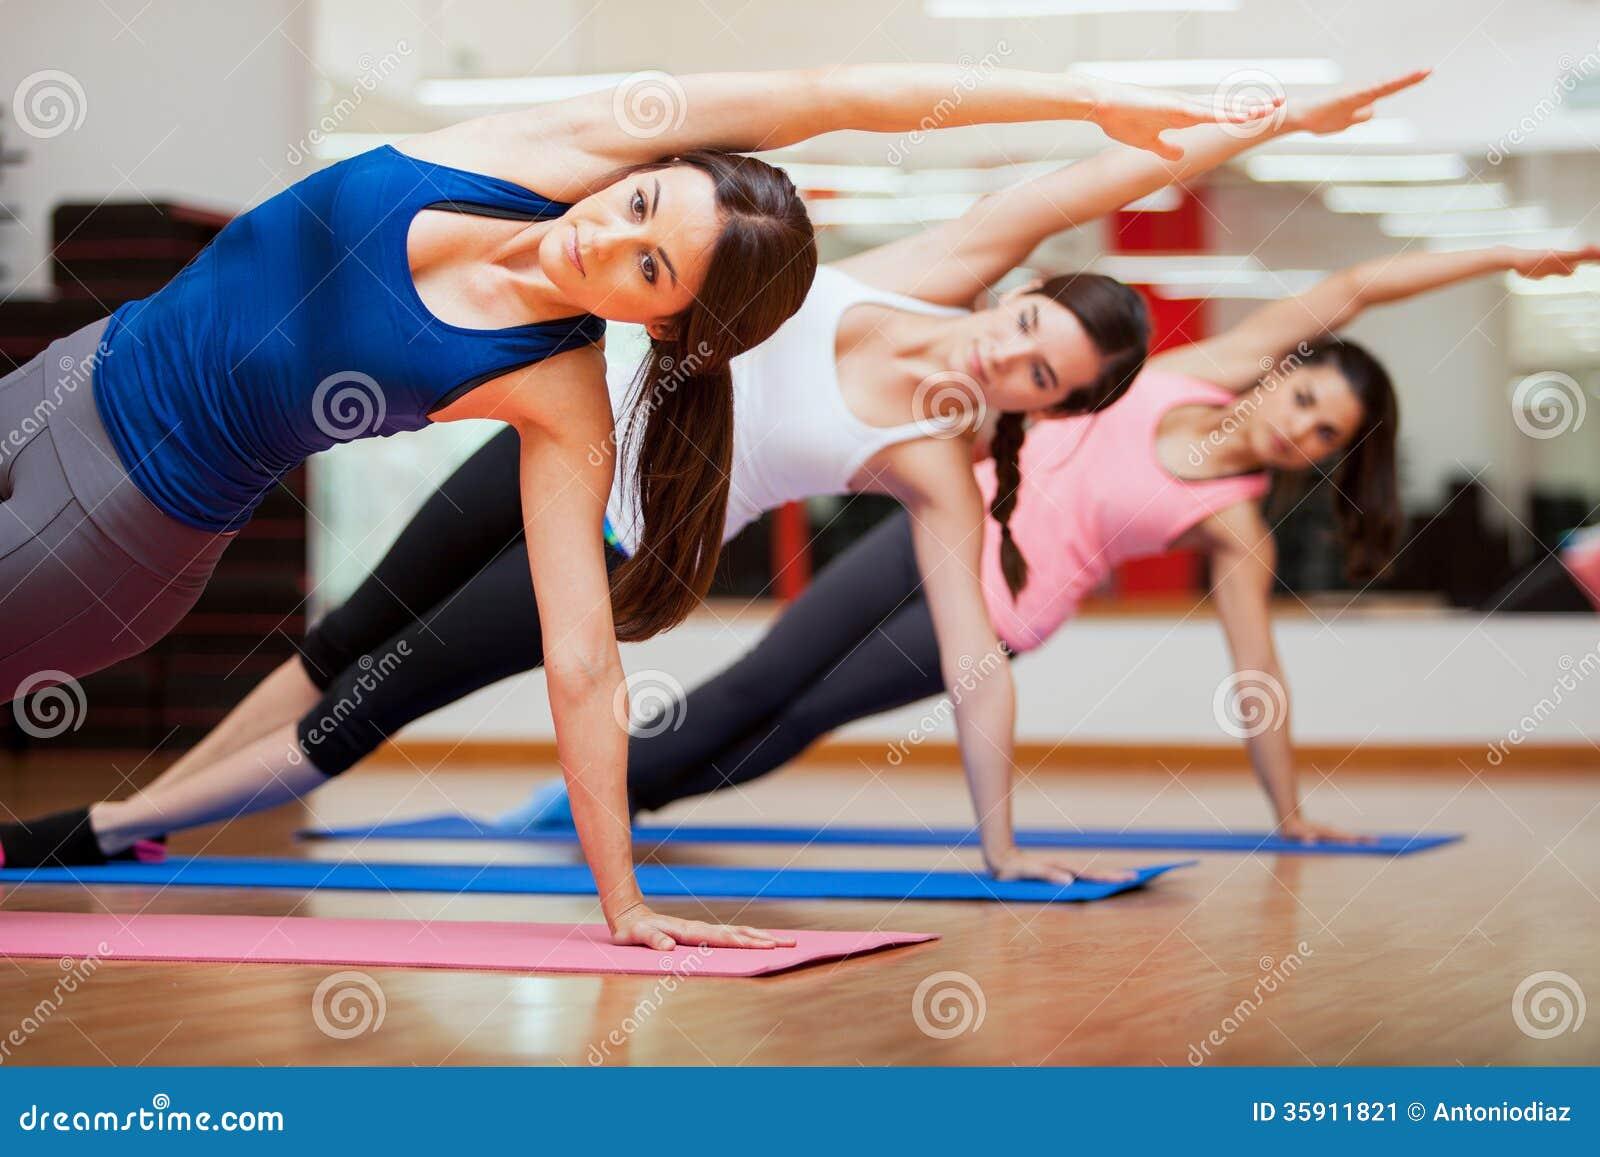 做瑜伽类的旁边板条